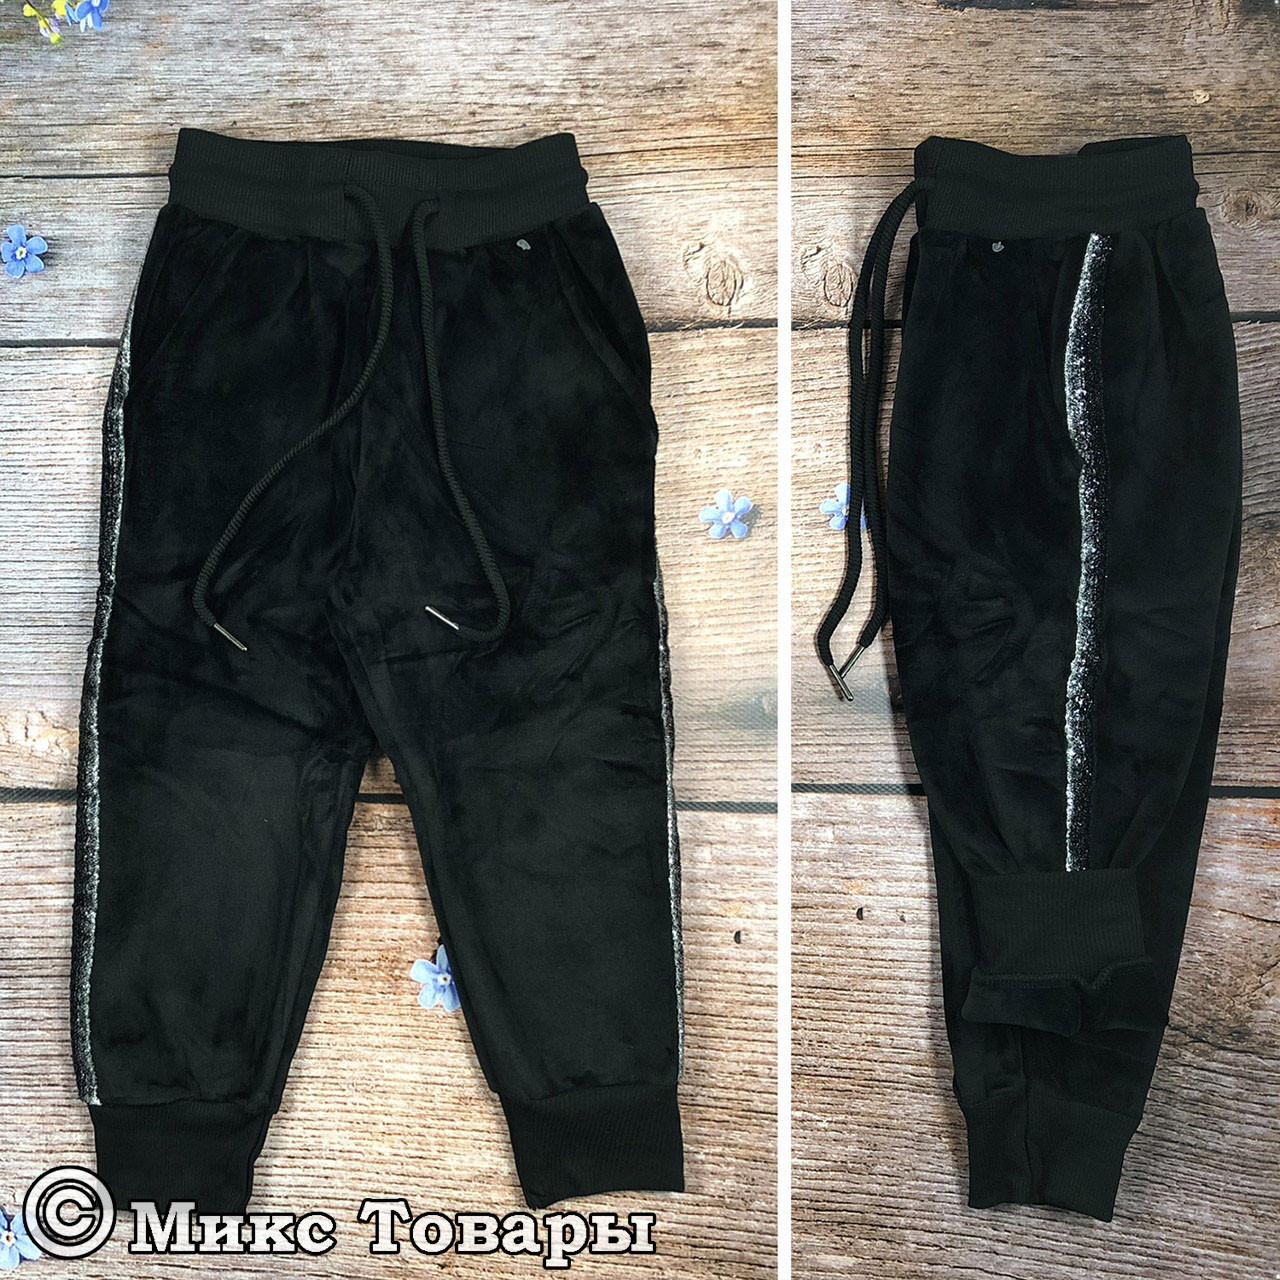 Тёплые велюровые штанишки с флисом для девочек Размеры: 3-4,5-6,7-8,9-10 лет (7559)